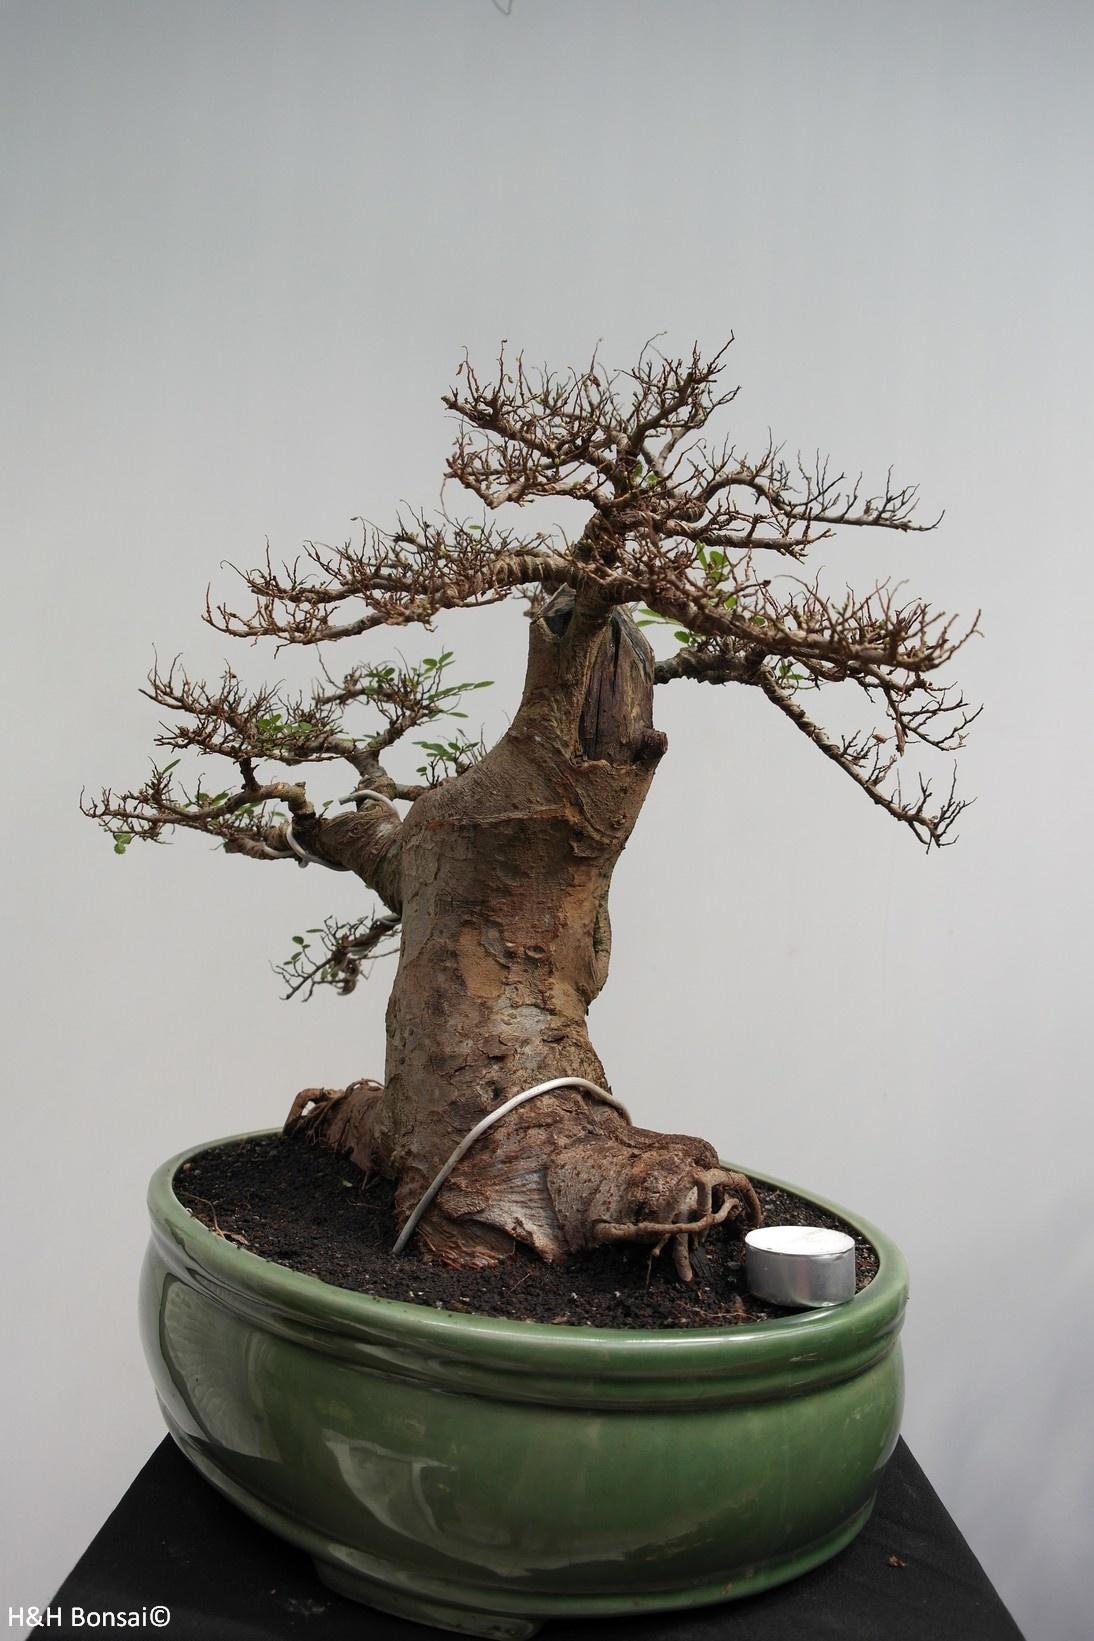 Bonsai Zelkova, no. 7855